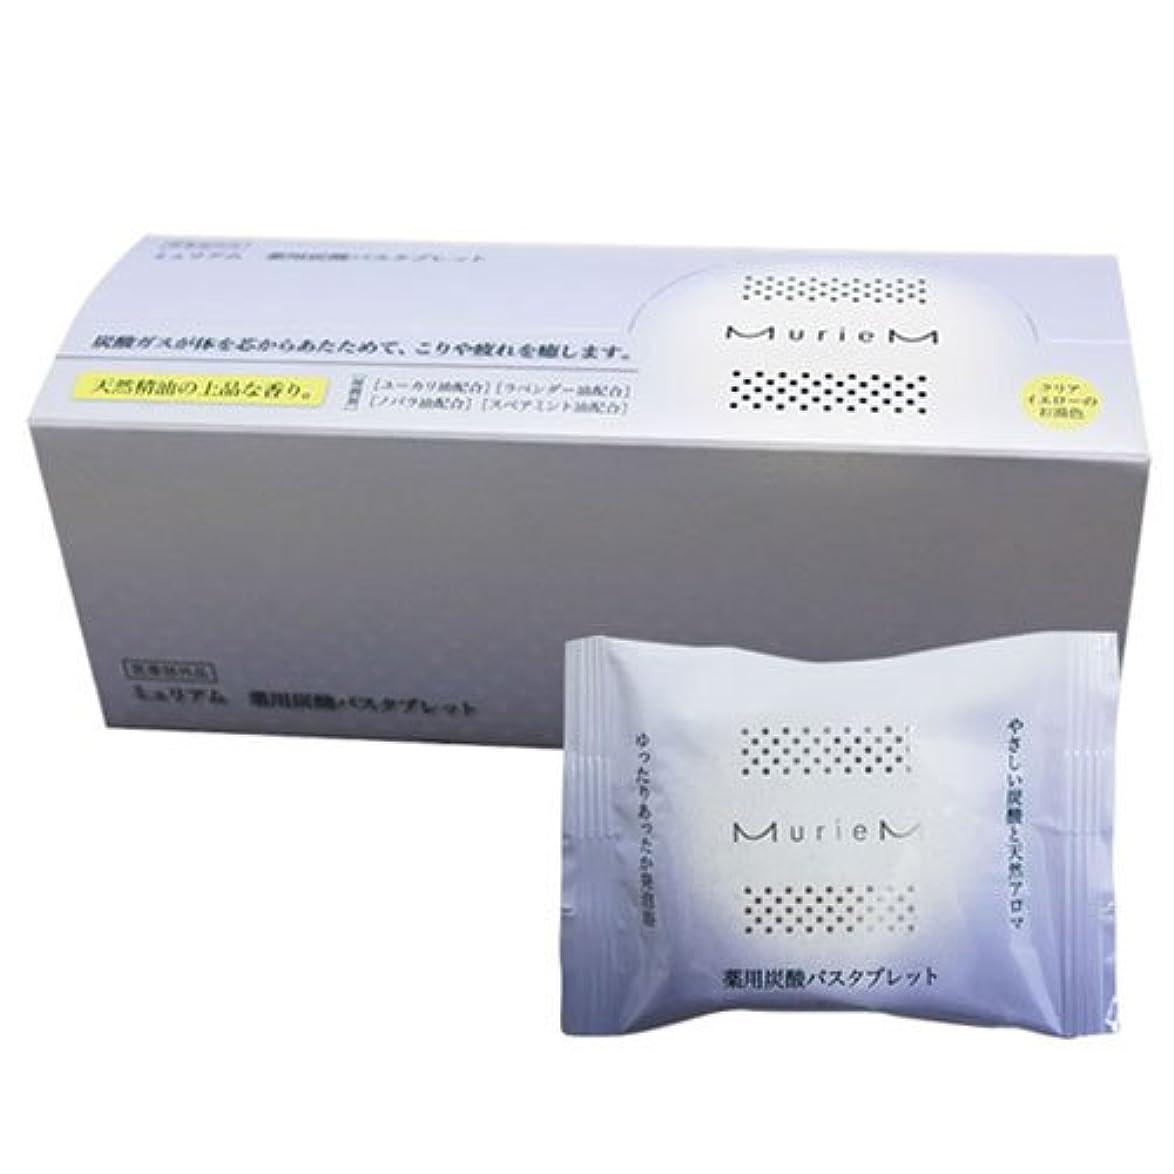 相対的非アクティブじゃないナンバースリー ミュリアム 薬用炭酸バスタブレット 30g×10包 [医薬部外品]